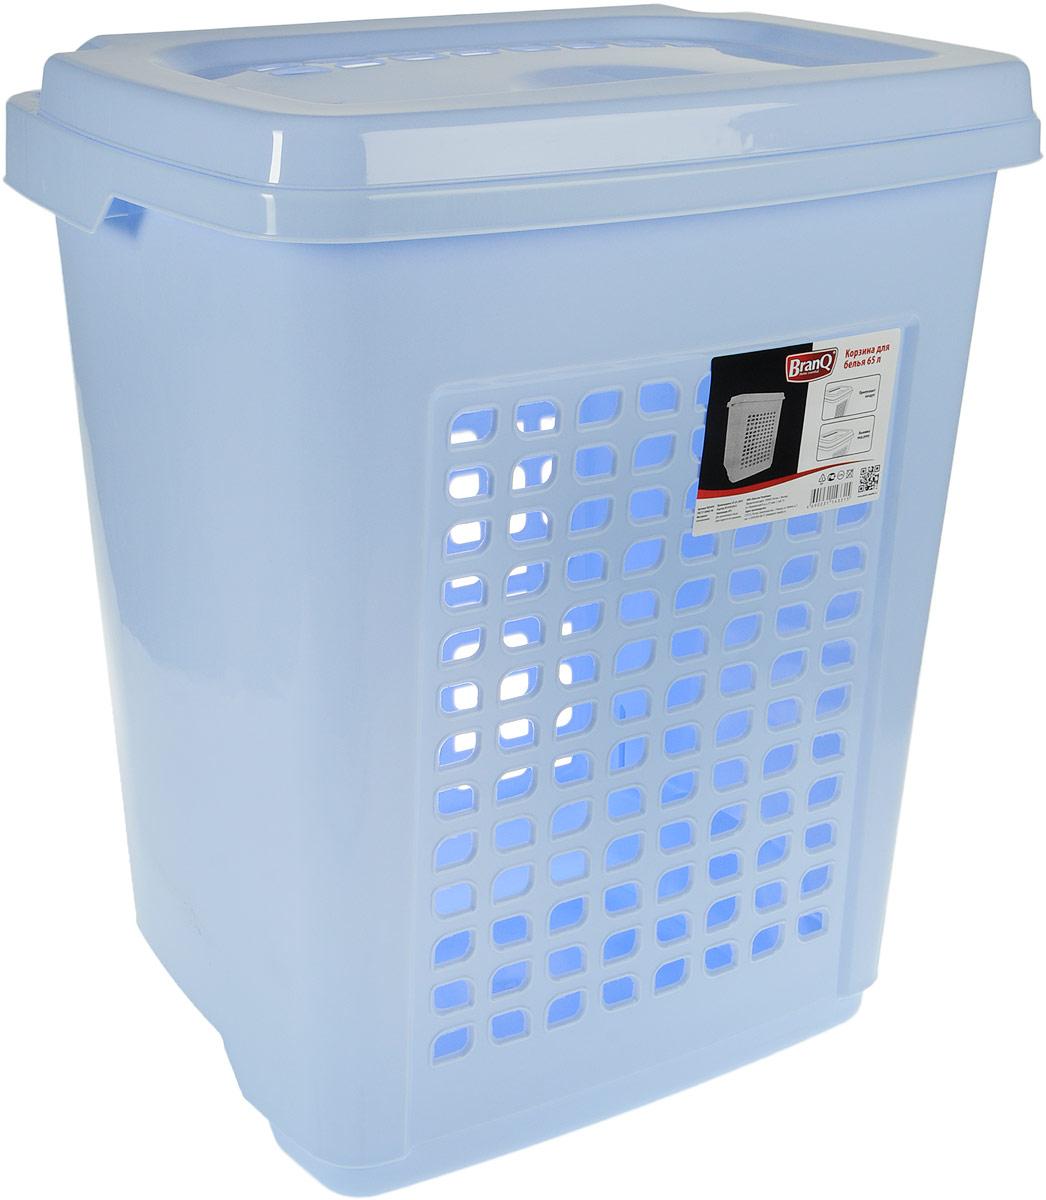 Корзина для белья BranQ, с крышкой, цвет: голубой, 65 л391602Корзина для белья BranQ изготовлена из прочного пластика. Корзина пропускает воздух, устойчива к перепадам температур и влажности, поэтому идеально подходит для ванной комнаты. Изделие оснащено выемками под руки и крышкой. Можно использовать для хранения белья, детских игрушек, домашней обуви и прочих бытовых вещей. Элегантный дизайн подойдет к интерьеру любой ванной.